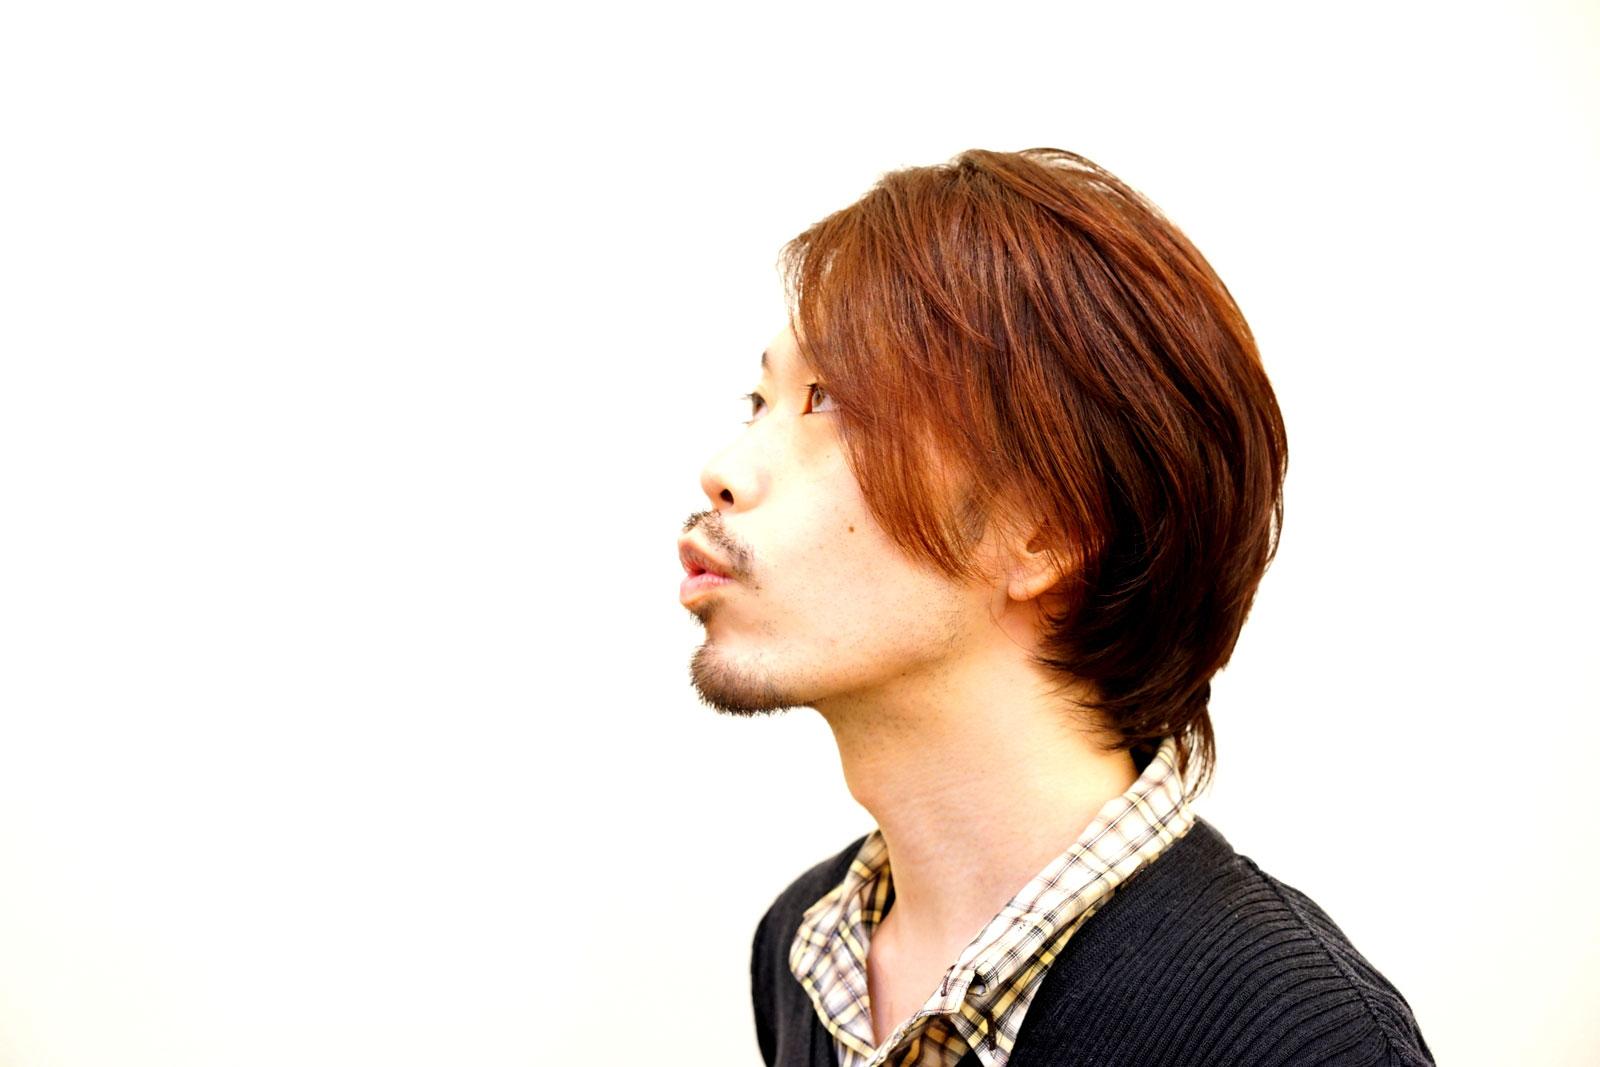 【オレ】のナチュラルアプリコットの流れる前髪とHIGE